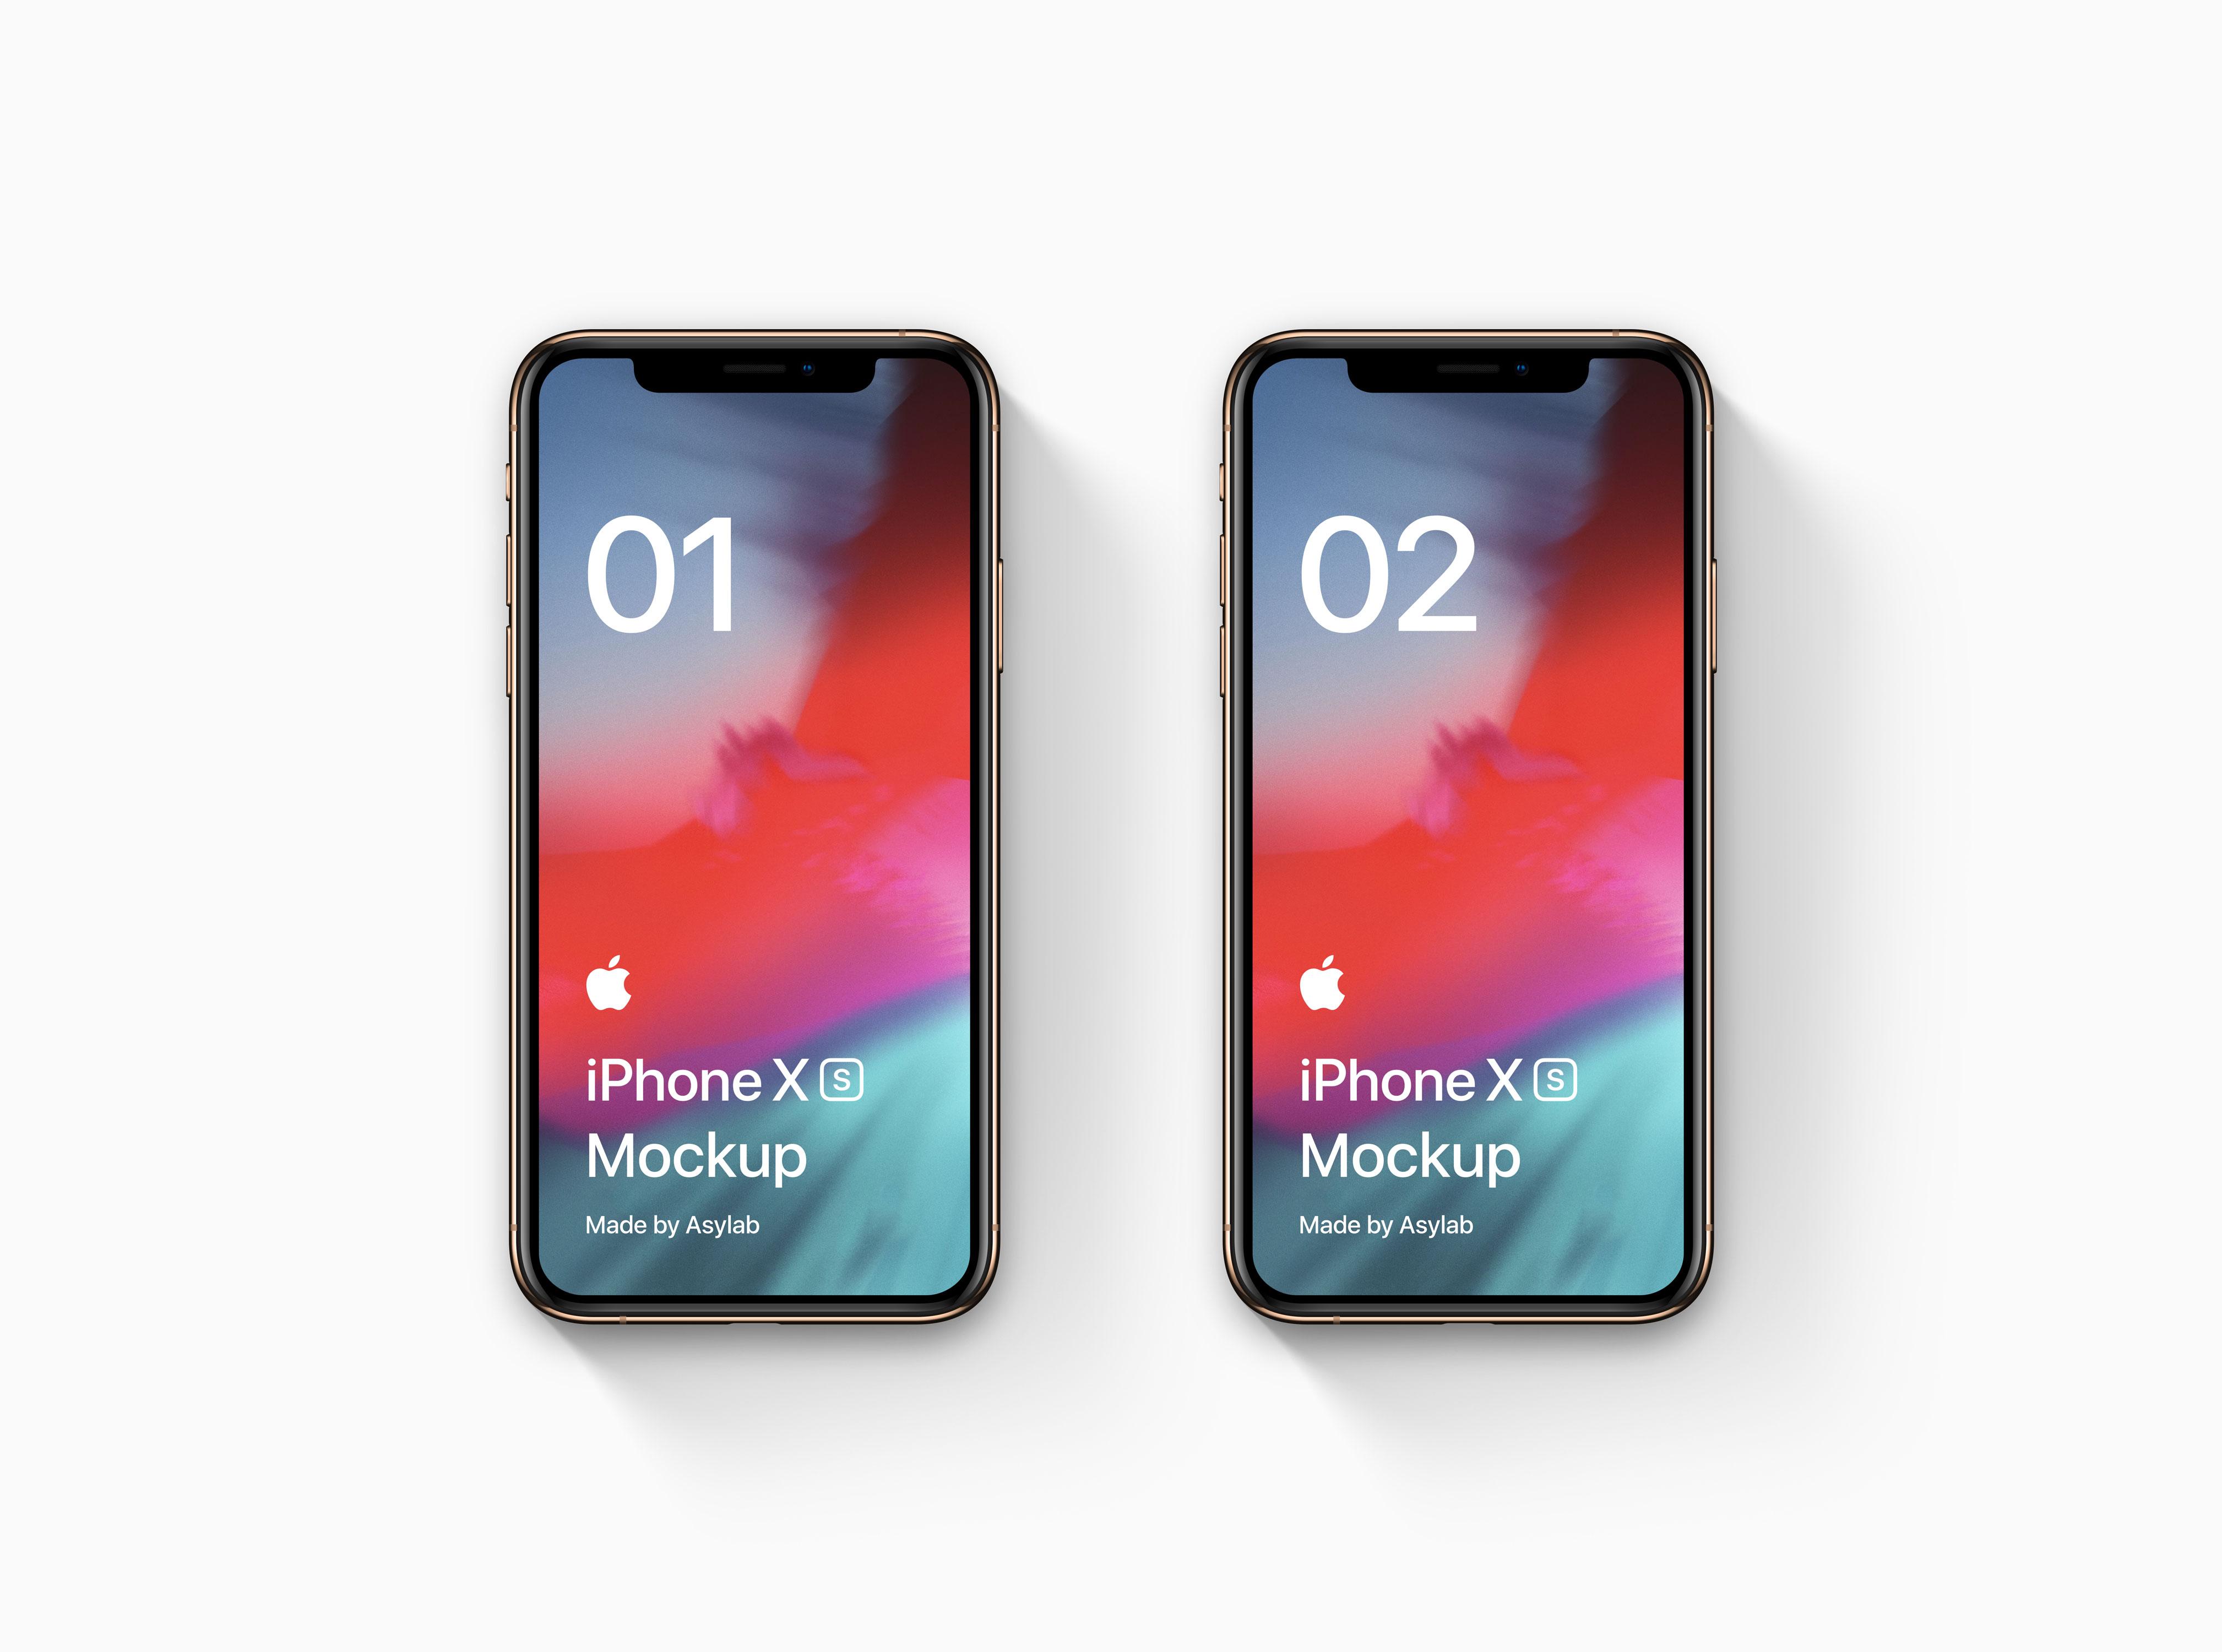 05c4f7b0125c68e - 苹果iPhoneX UI样机